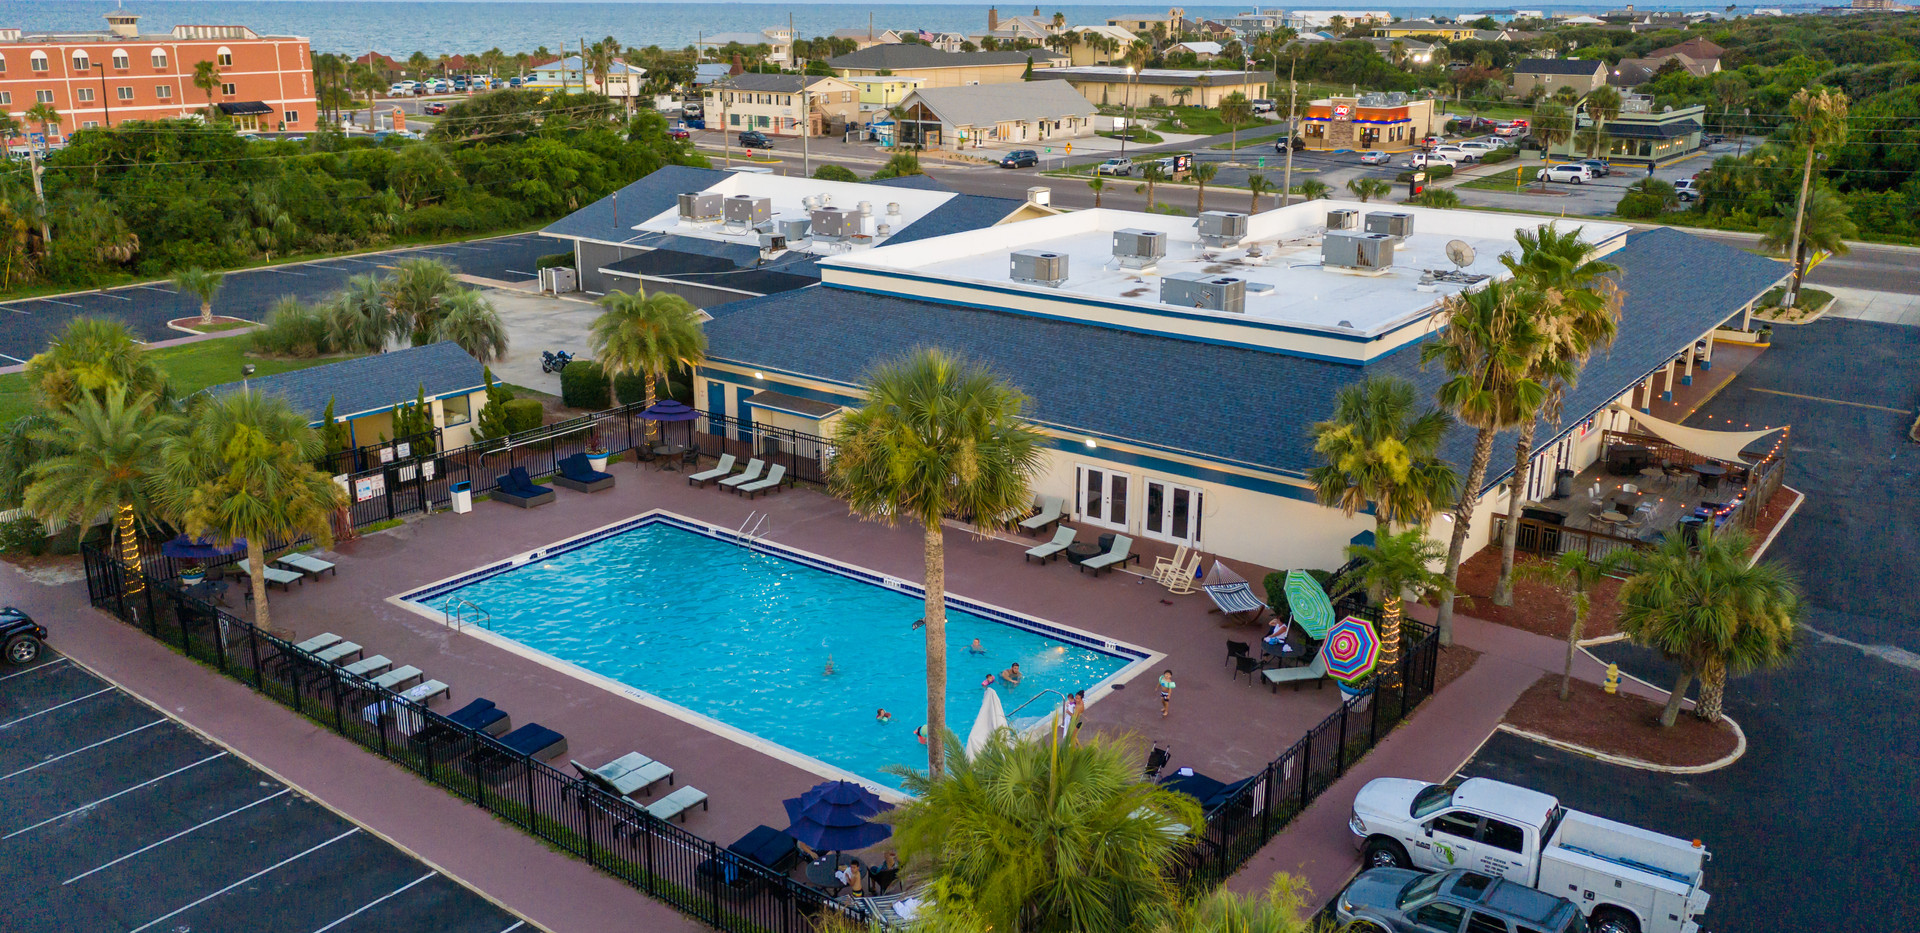 2019 Ocean Coast Hotel Rooms 080A - Dere